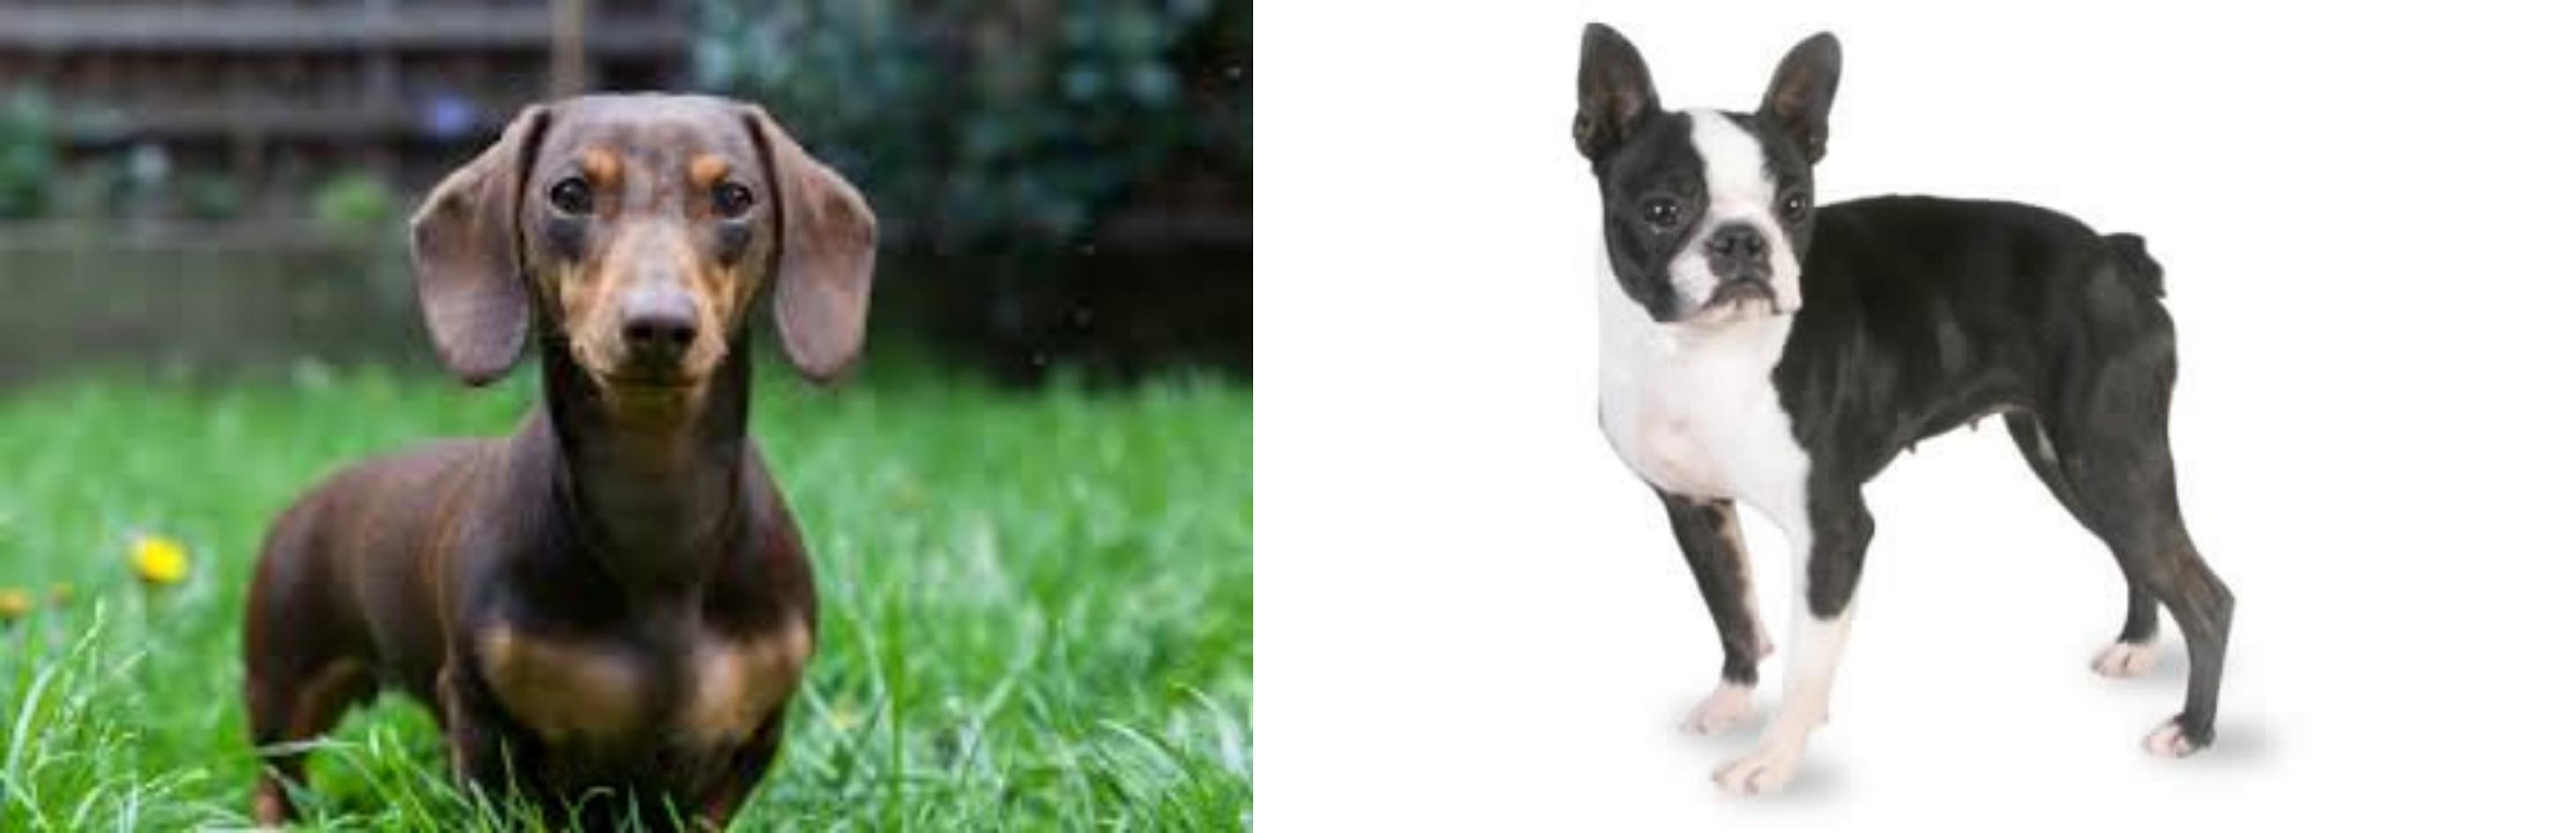 Miniature Dachshund vs Boston Terrier - Breed Comparison